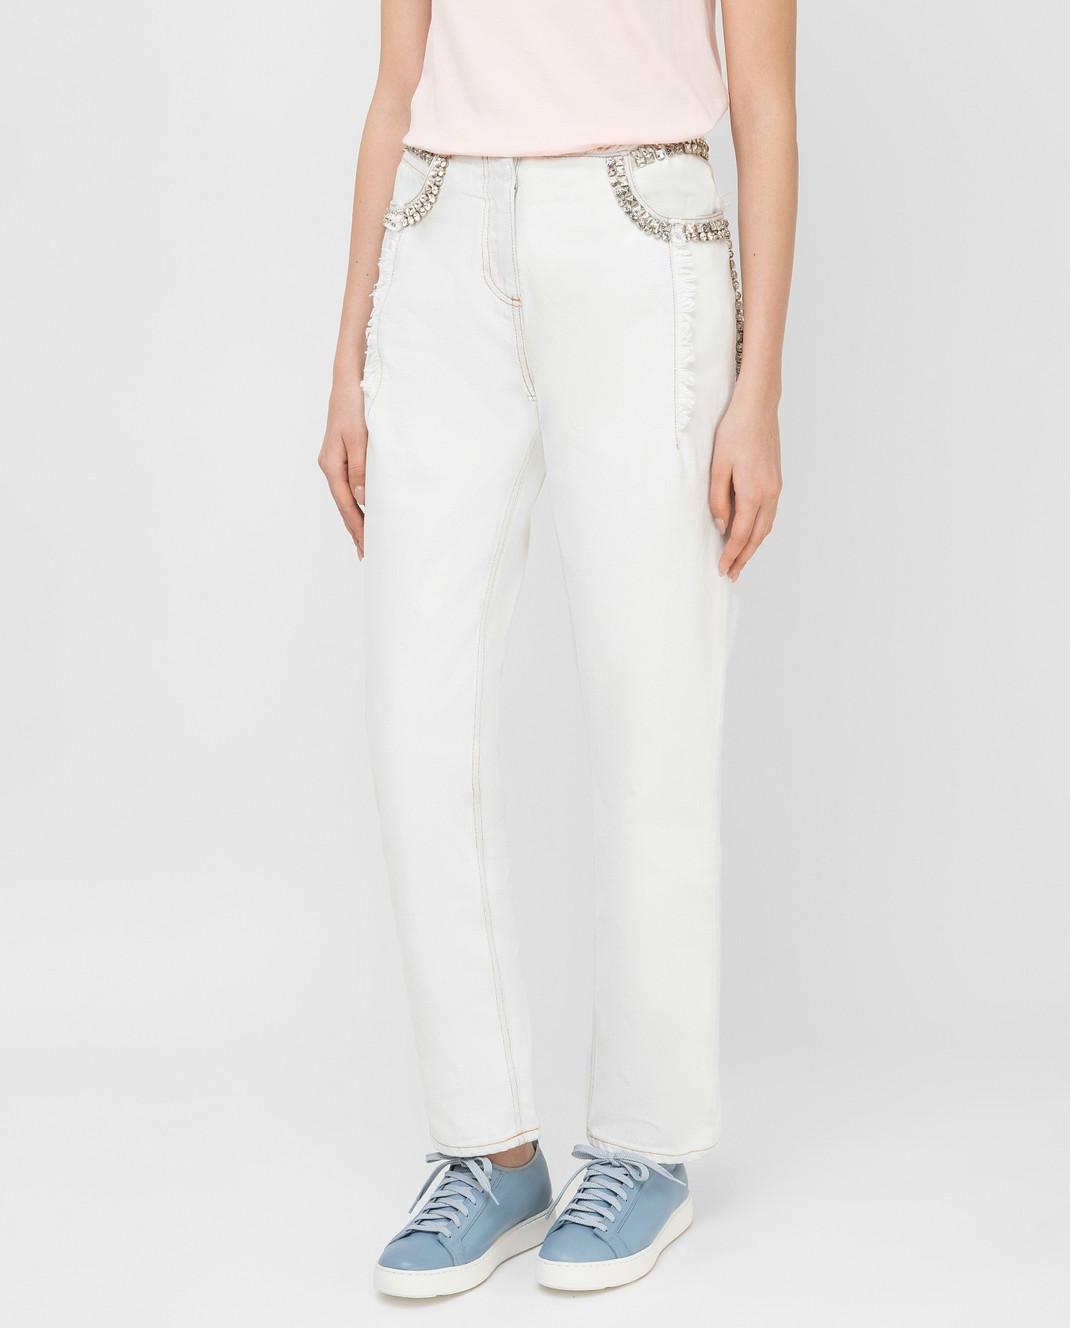 Roberto Cavalli Белые джинсы с кристаллами CKJ211 изображение 3